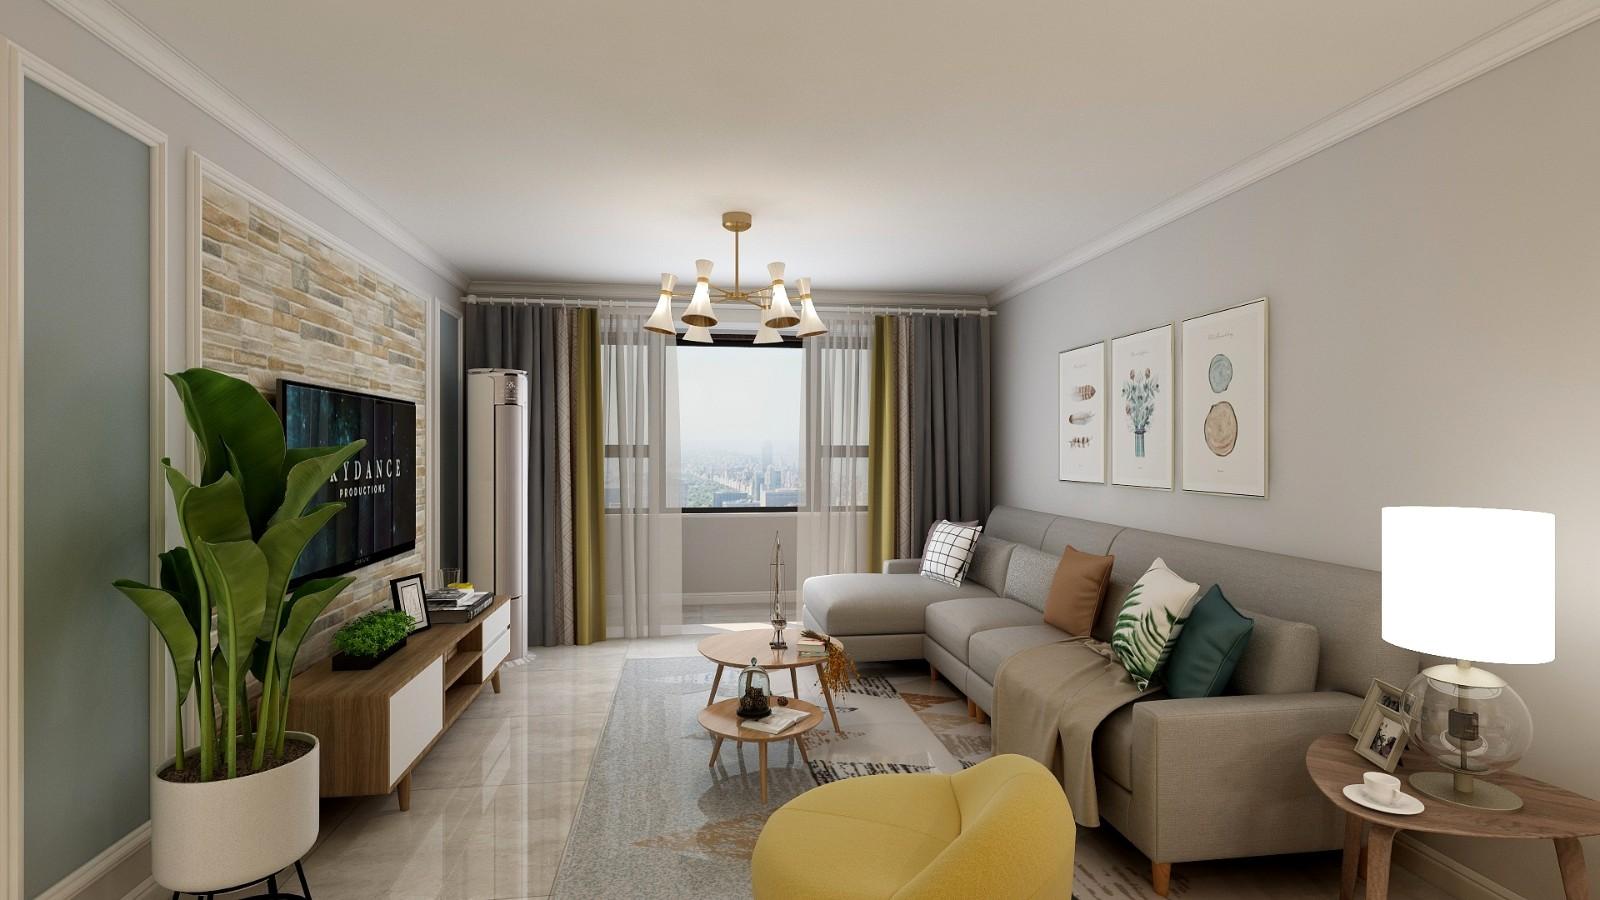 2020北欧110平米装修设计 2020北欧楼房图片